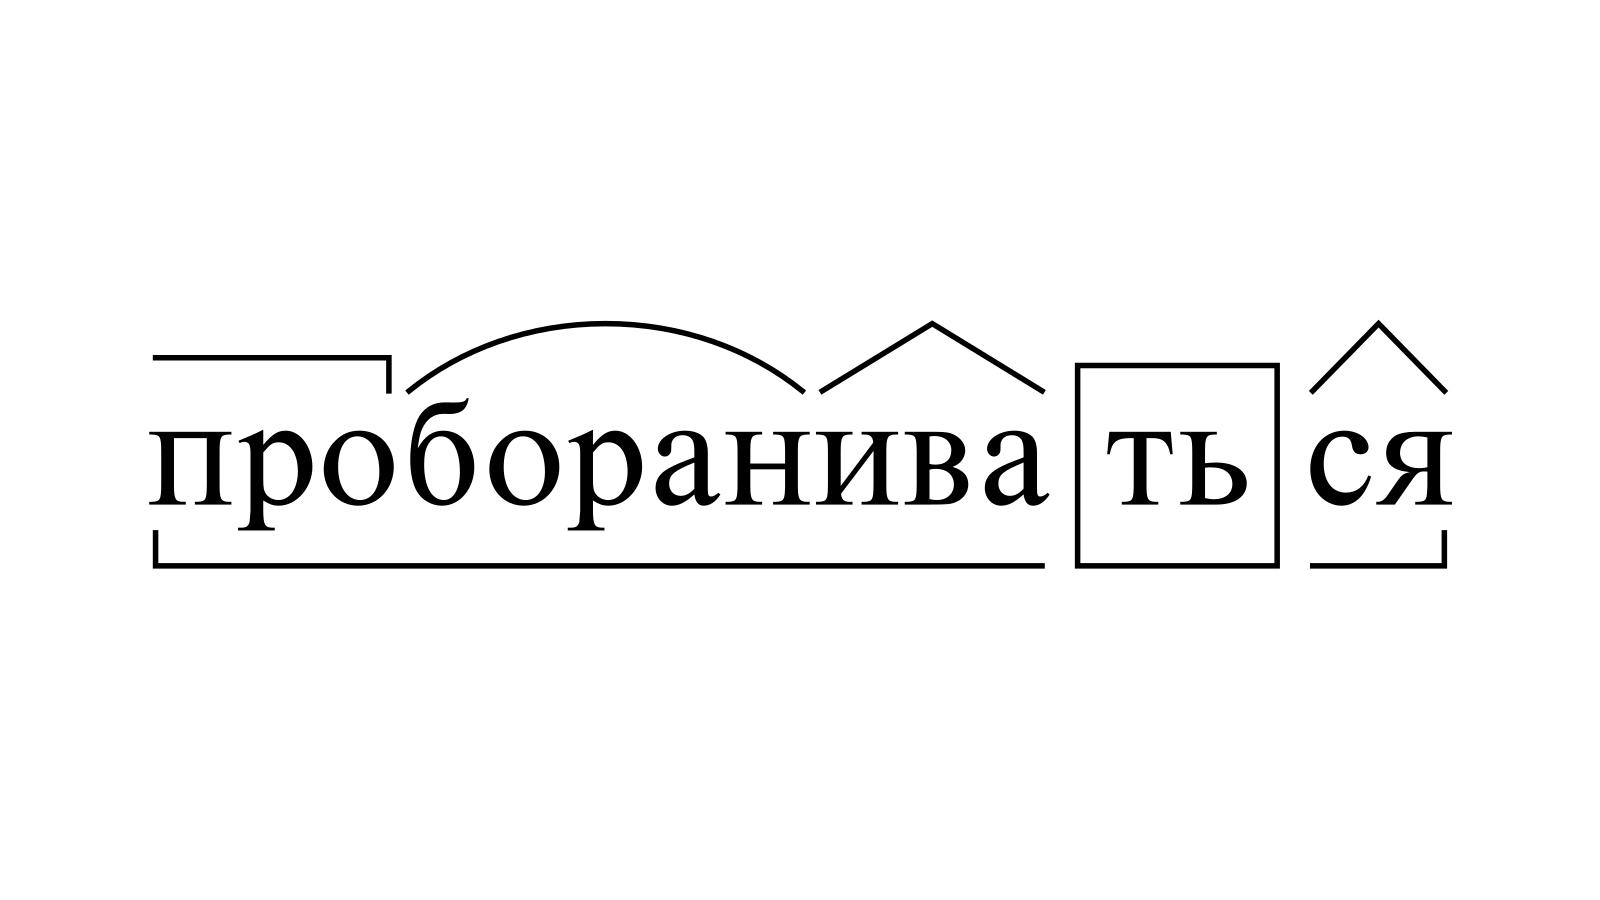 Разбор слова «пробораниваться» по составу